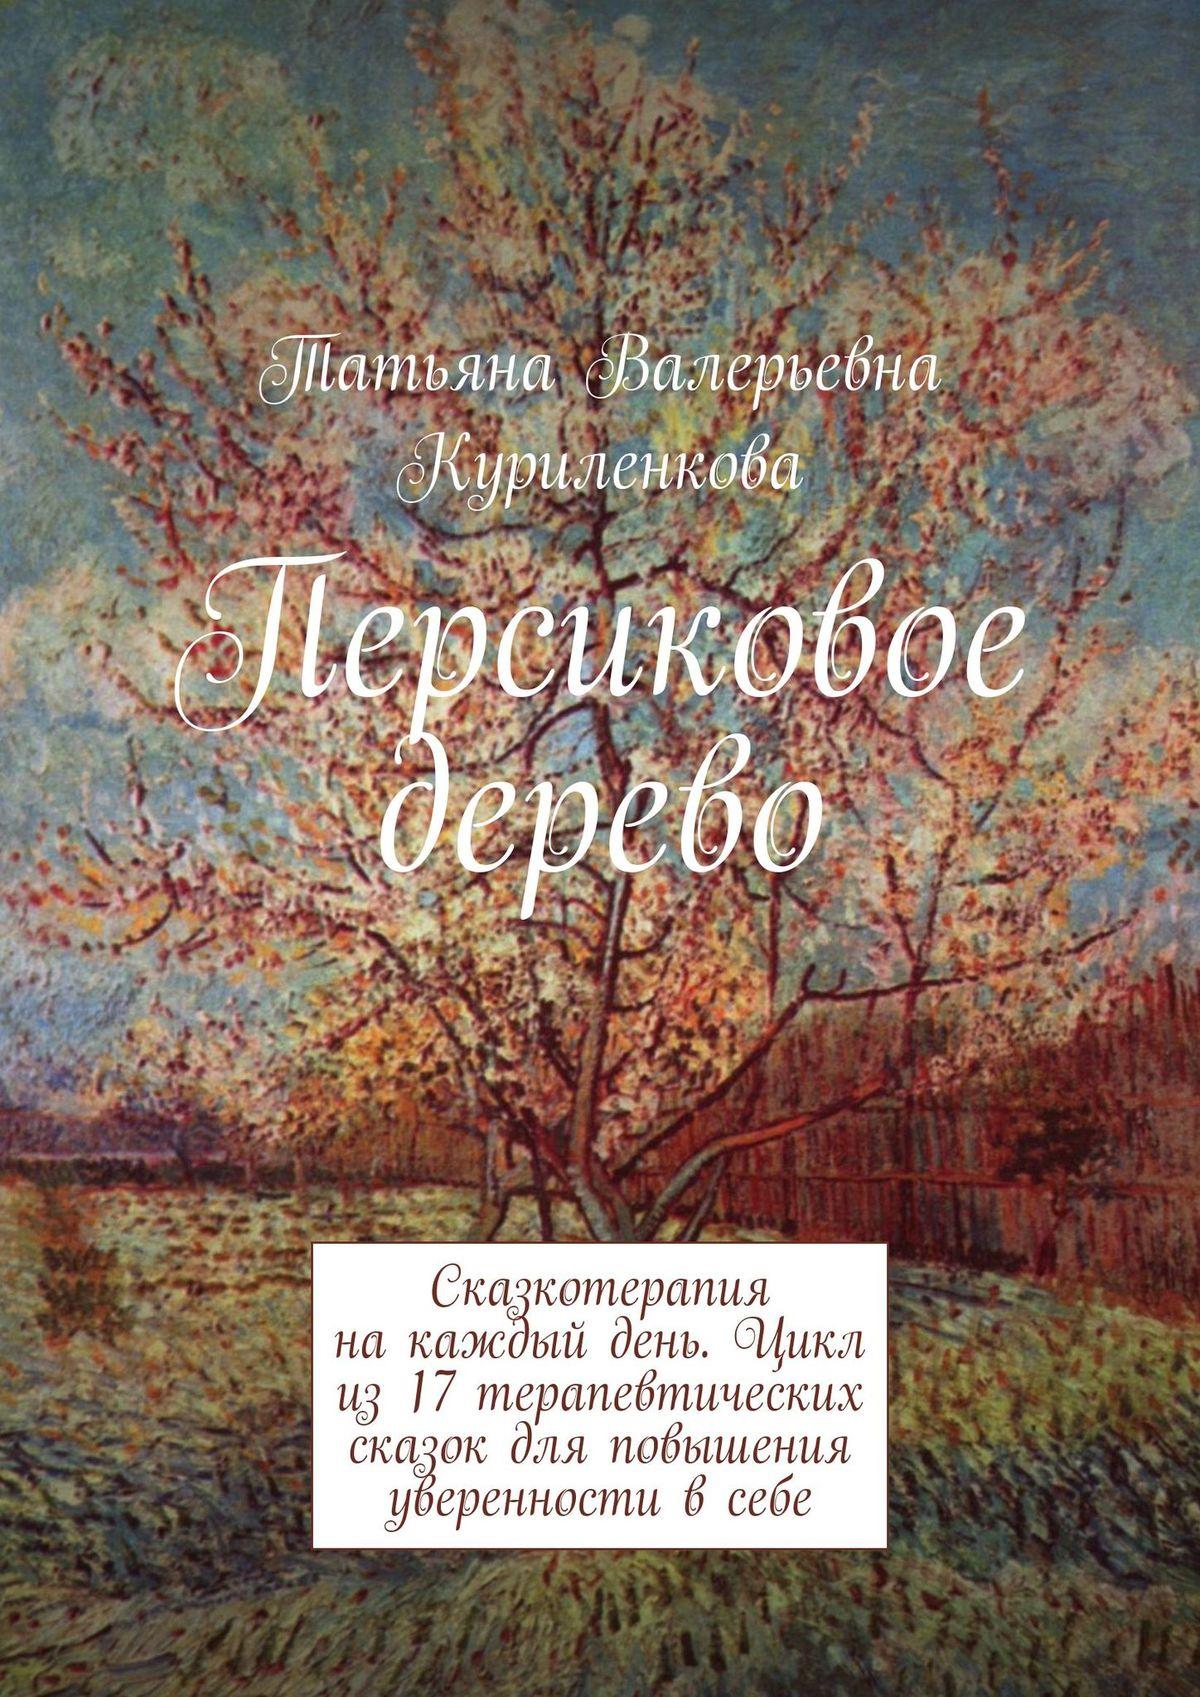 Татьяна Валерьевна Куриленкова Персиковое дерево. Сказкотерапия на каждый день. Цикл терапевтических сказок для повышения уверенности всебе